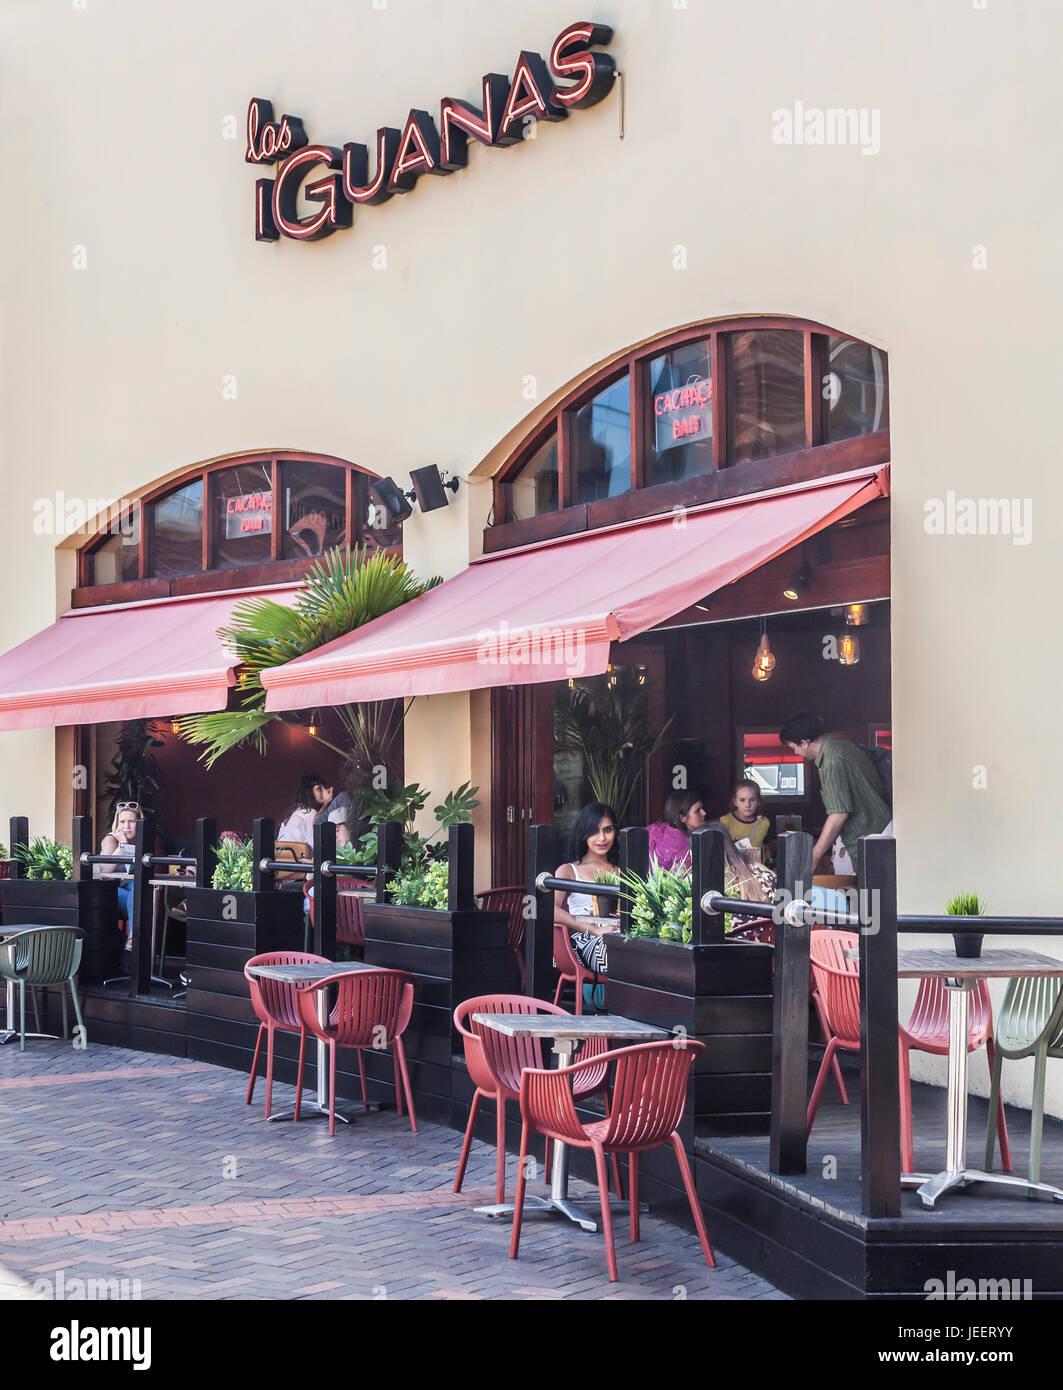 Exterior y área de comedor al aire libre, Los Iguanas restaurante sudamericano, Hurst St, Birmingham, Inglaterra, Imagen De Stock